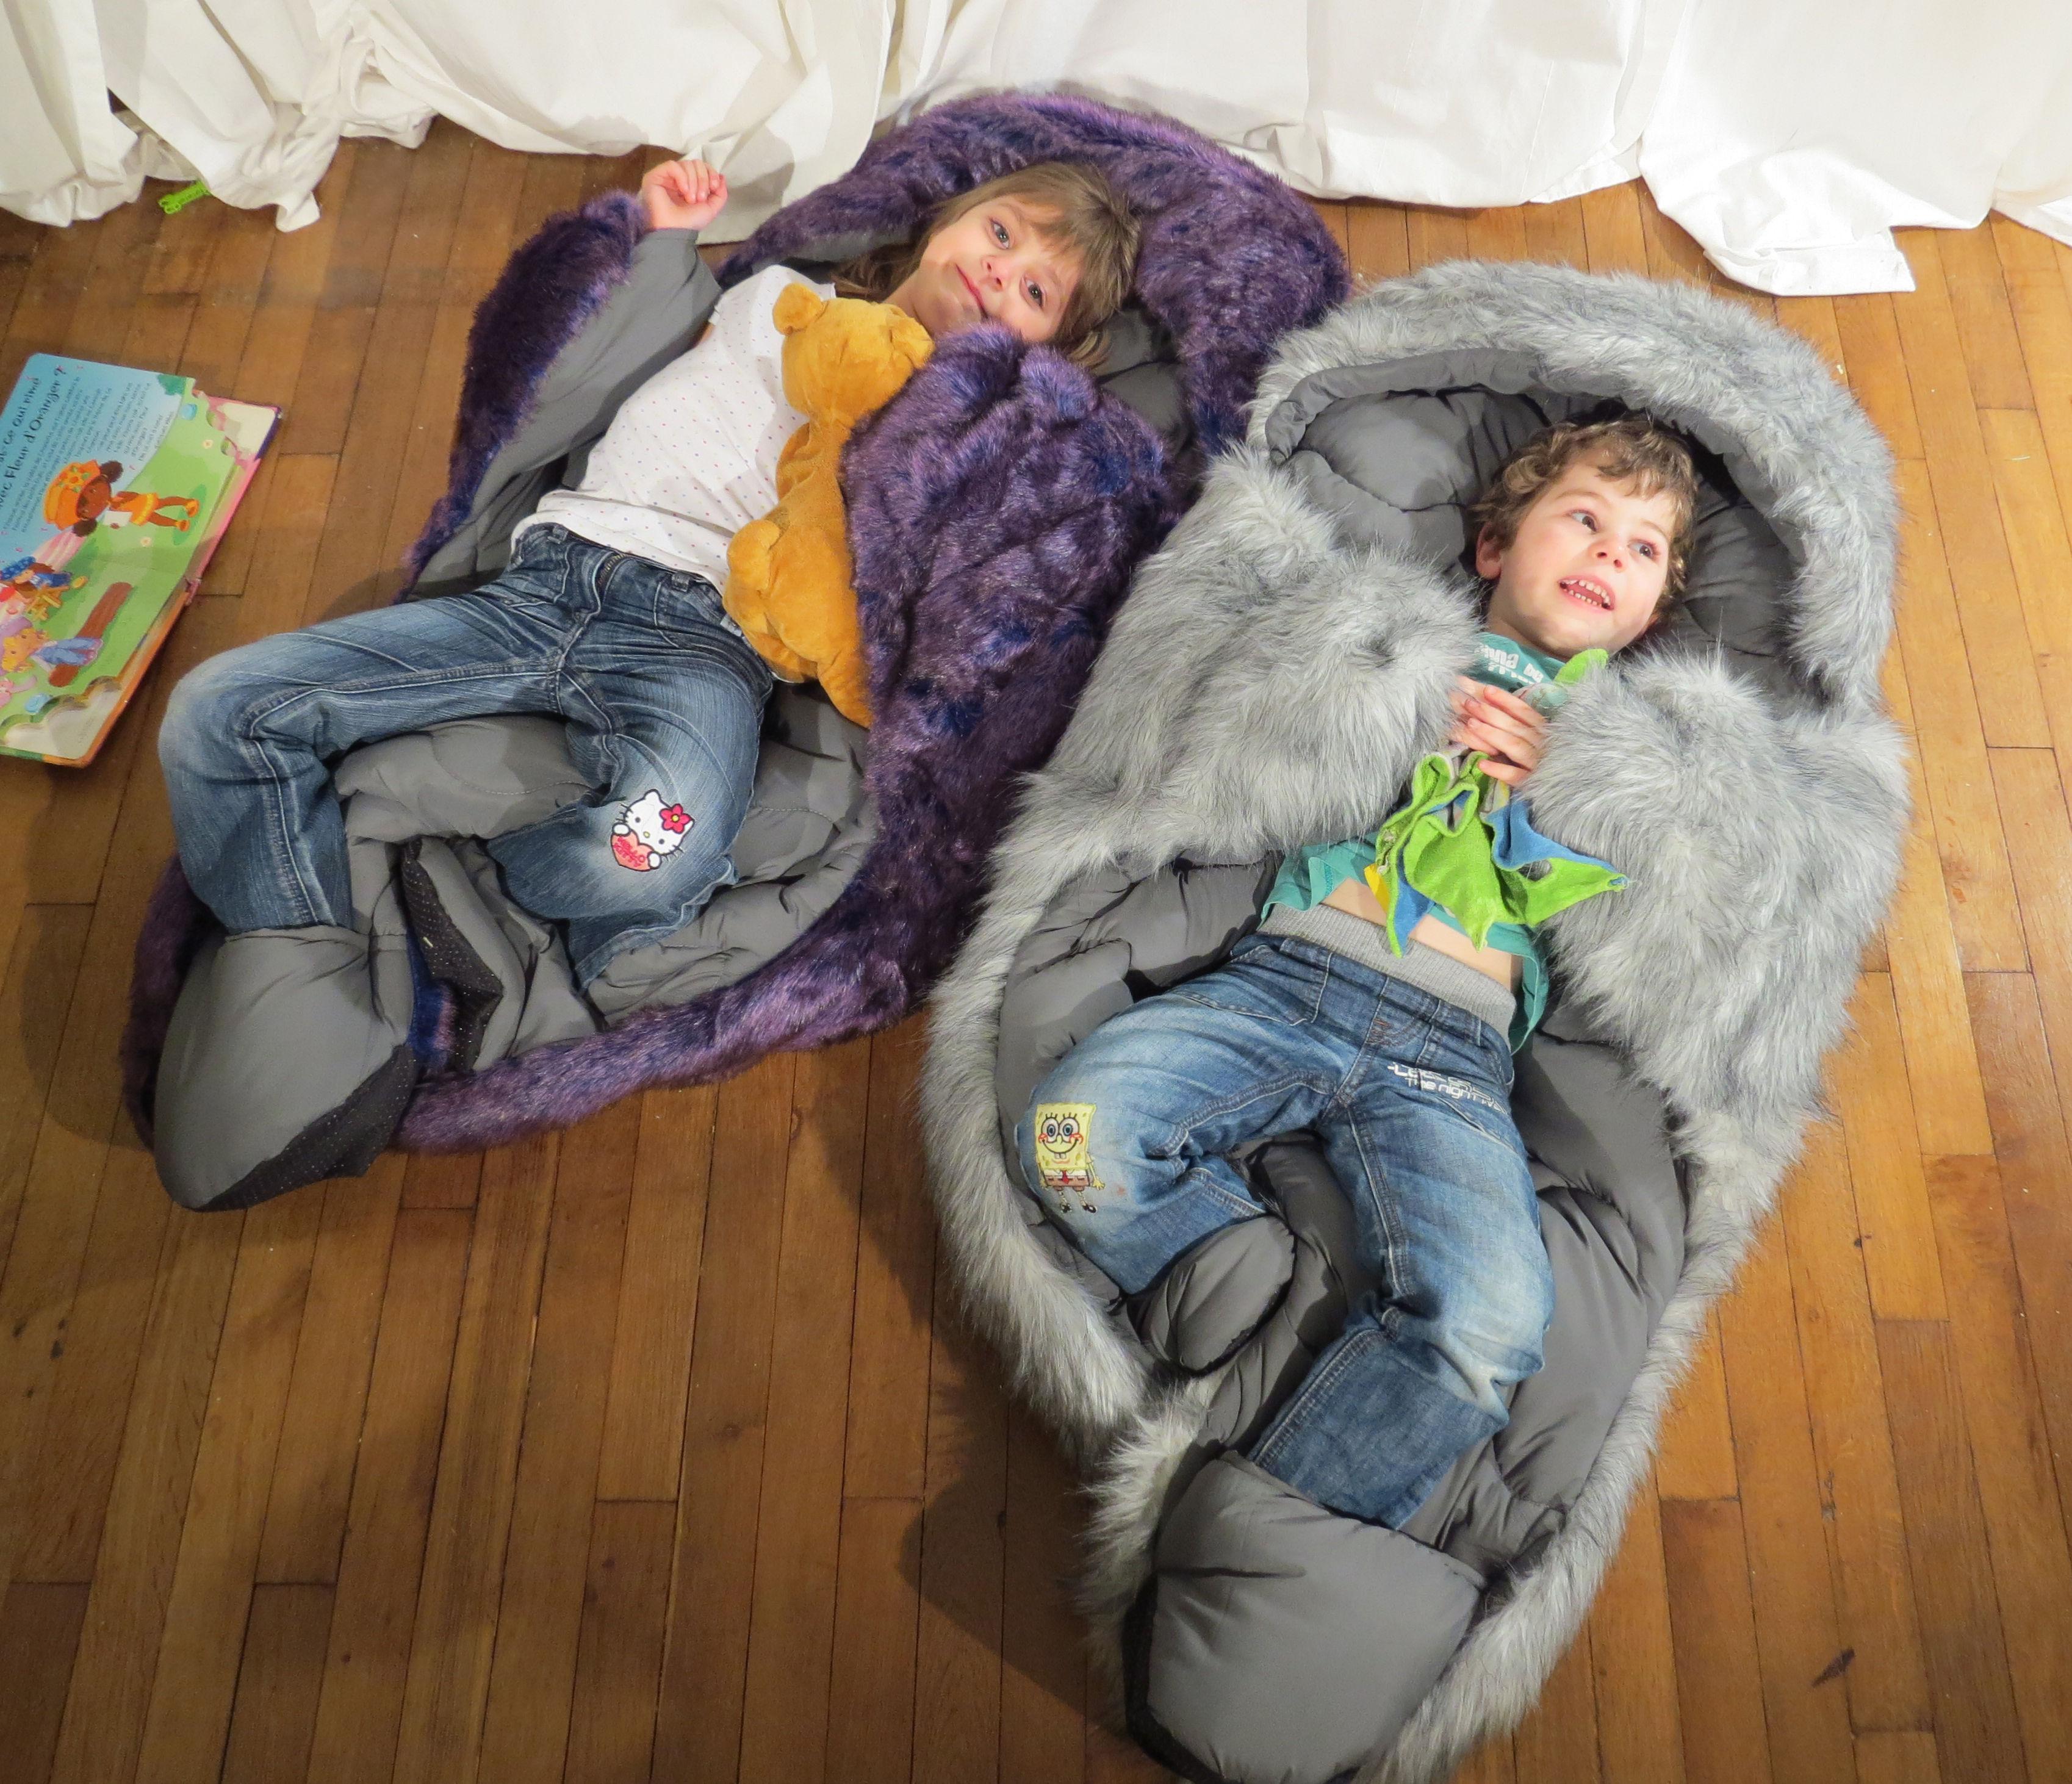 couette enfant hibernatus doudou d guisement exclusivit violet int rieur gris fonc. Black Bedroom Furniture Sets. Home Design Ideas